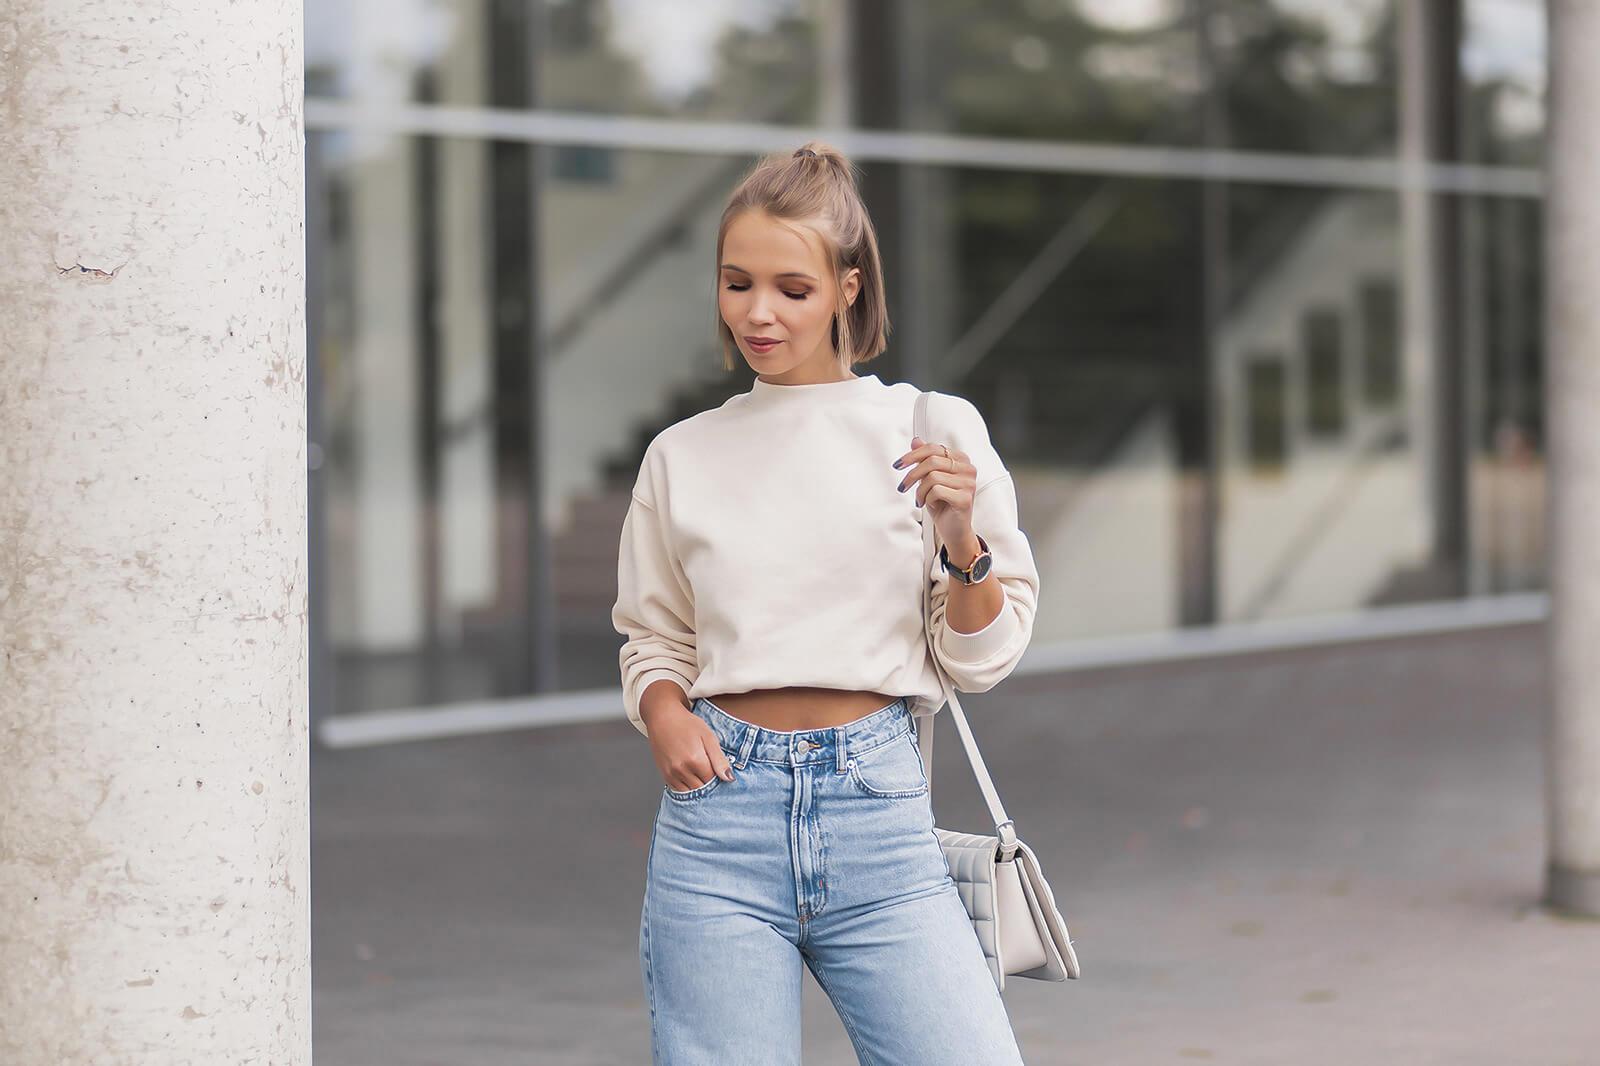 Wide Leg Pants kombinieren, Jeans Trend 2021, Wide Leg Jeans Outfit mit Sweater, weiße Sneaker, Shoelove by Deichmann